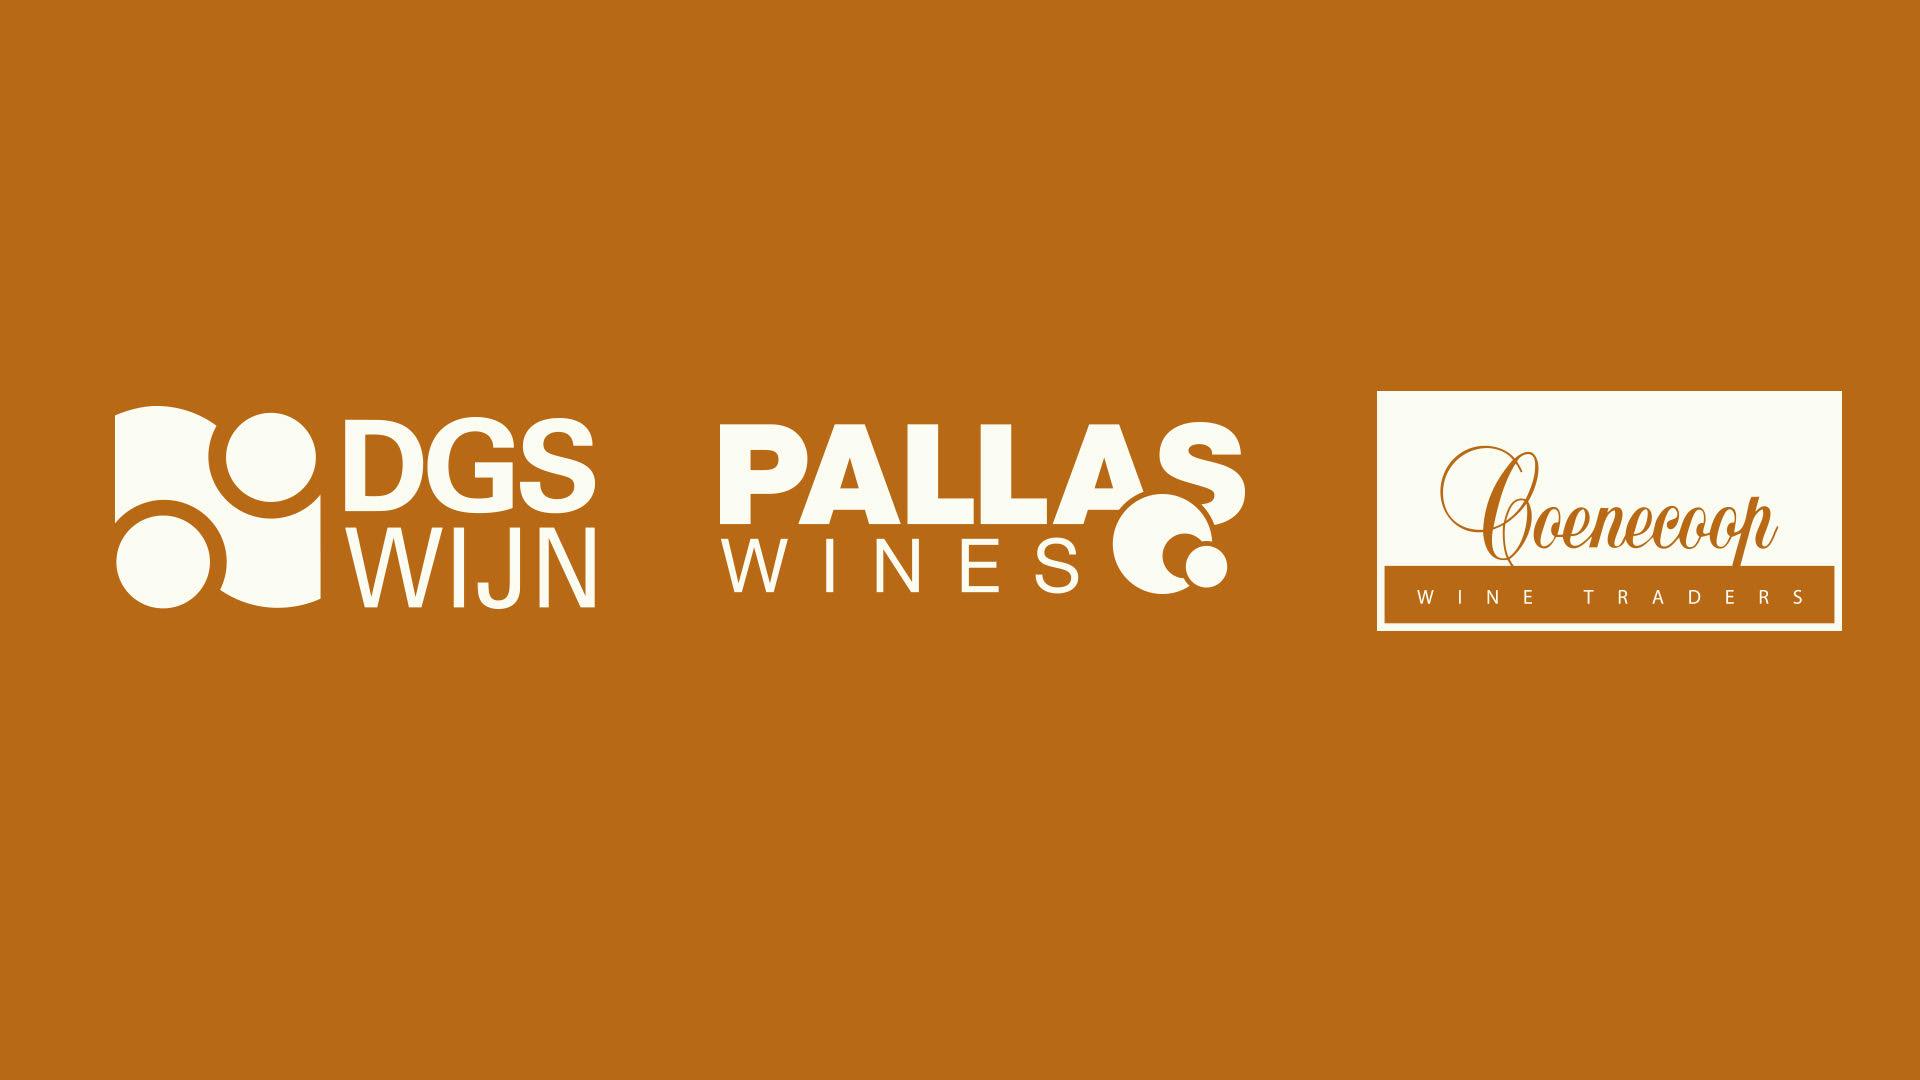 Najaarsproeverij Pallas Wines, Coenecoop Wine Traders en DGS WIJN